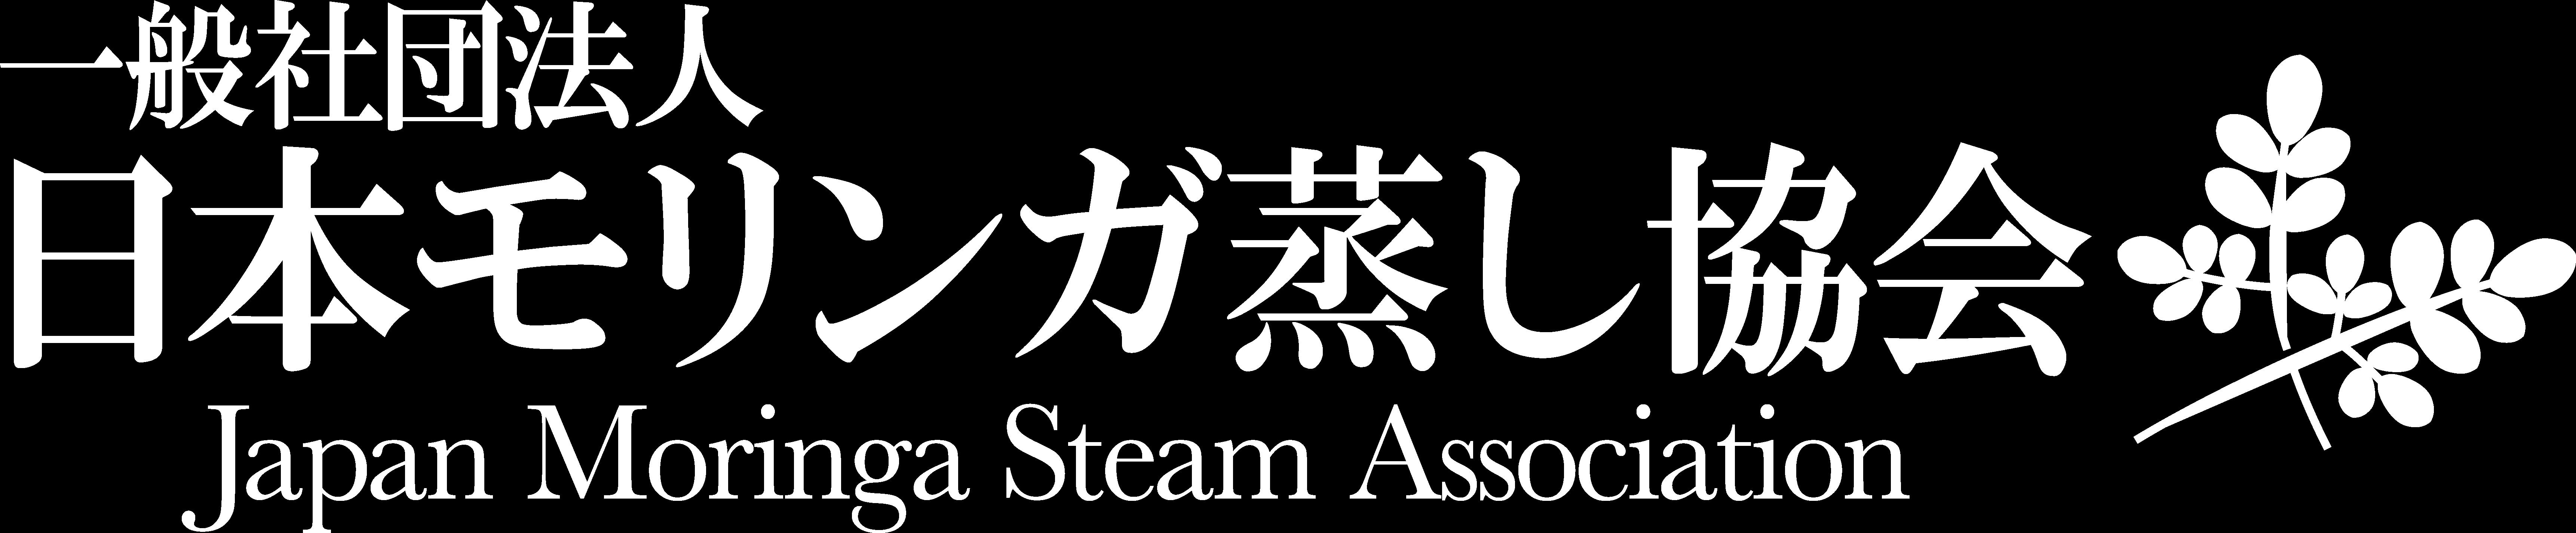 一般社団法人 日本モリンガ蒸し協会